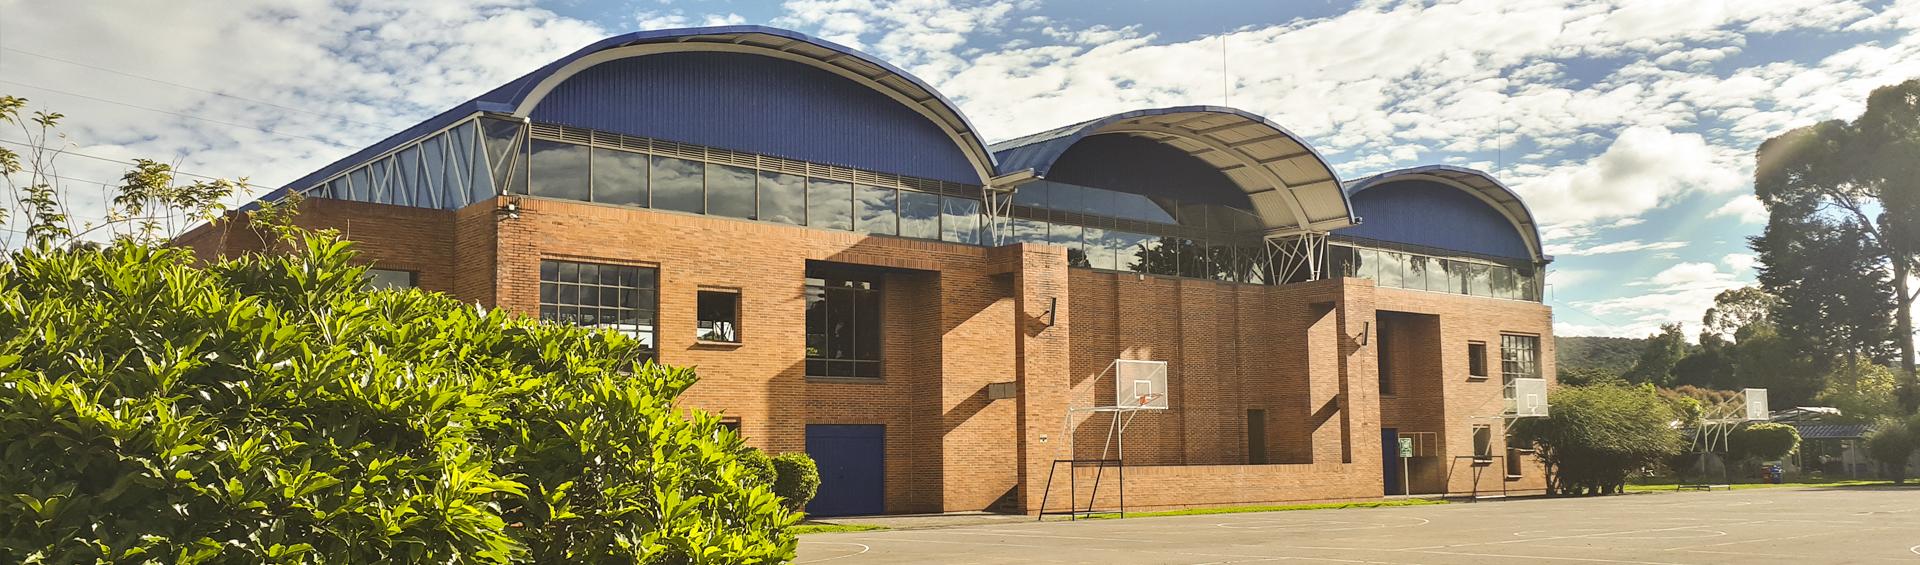 Colegio La Enseñanza Bogotá Home